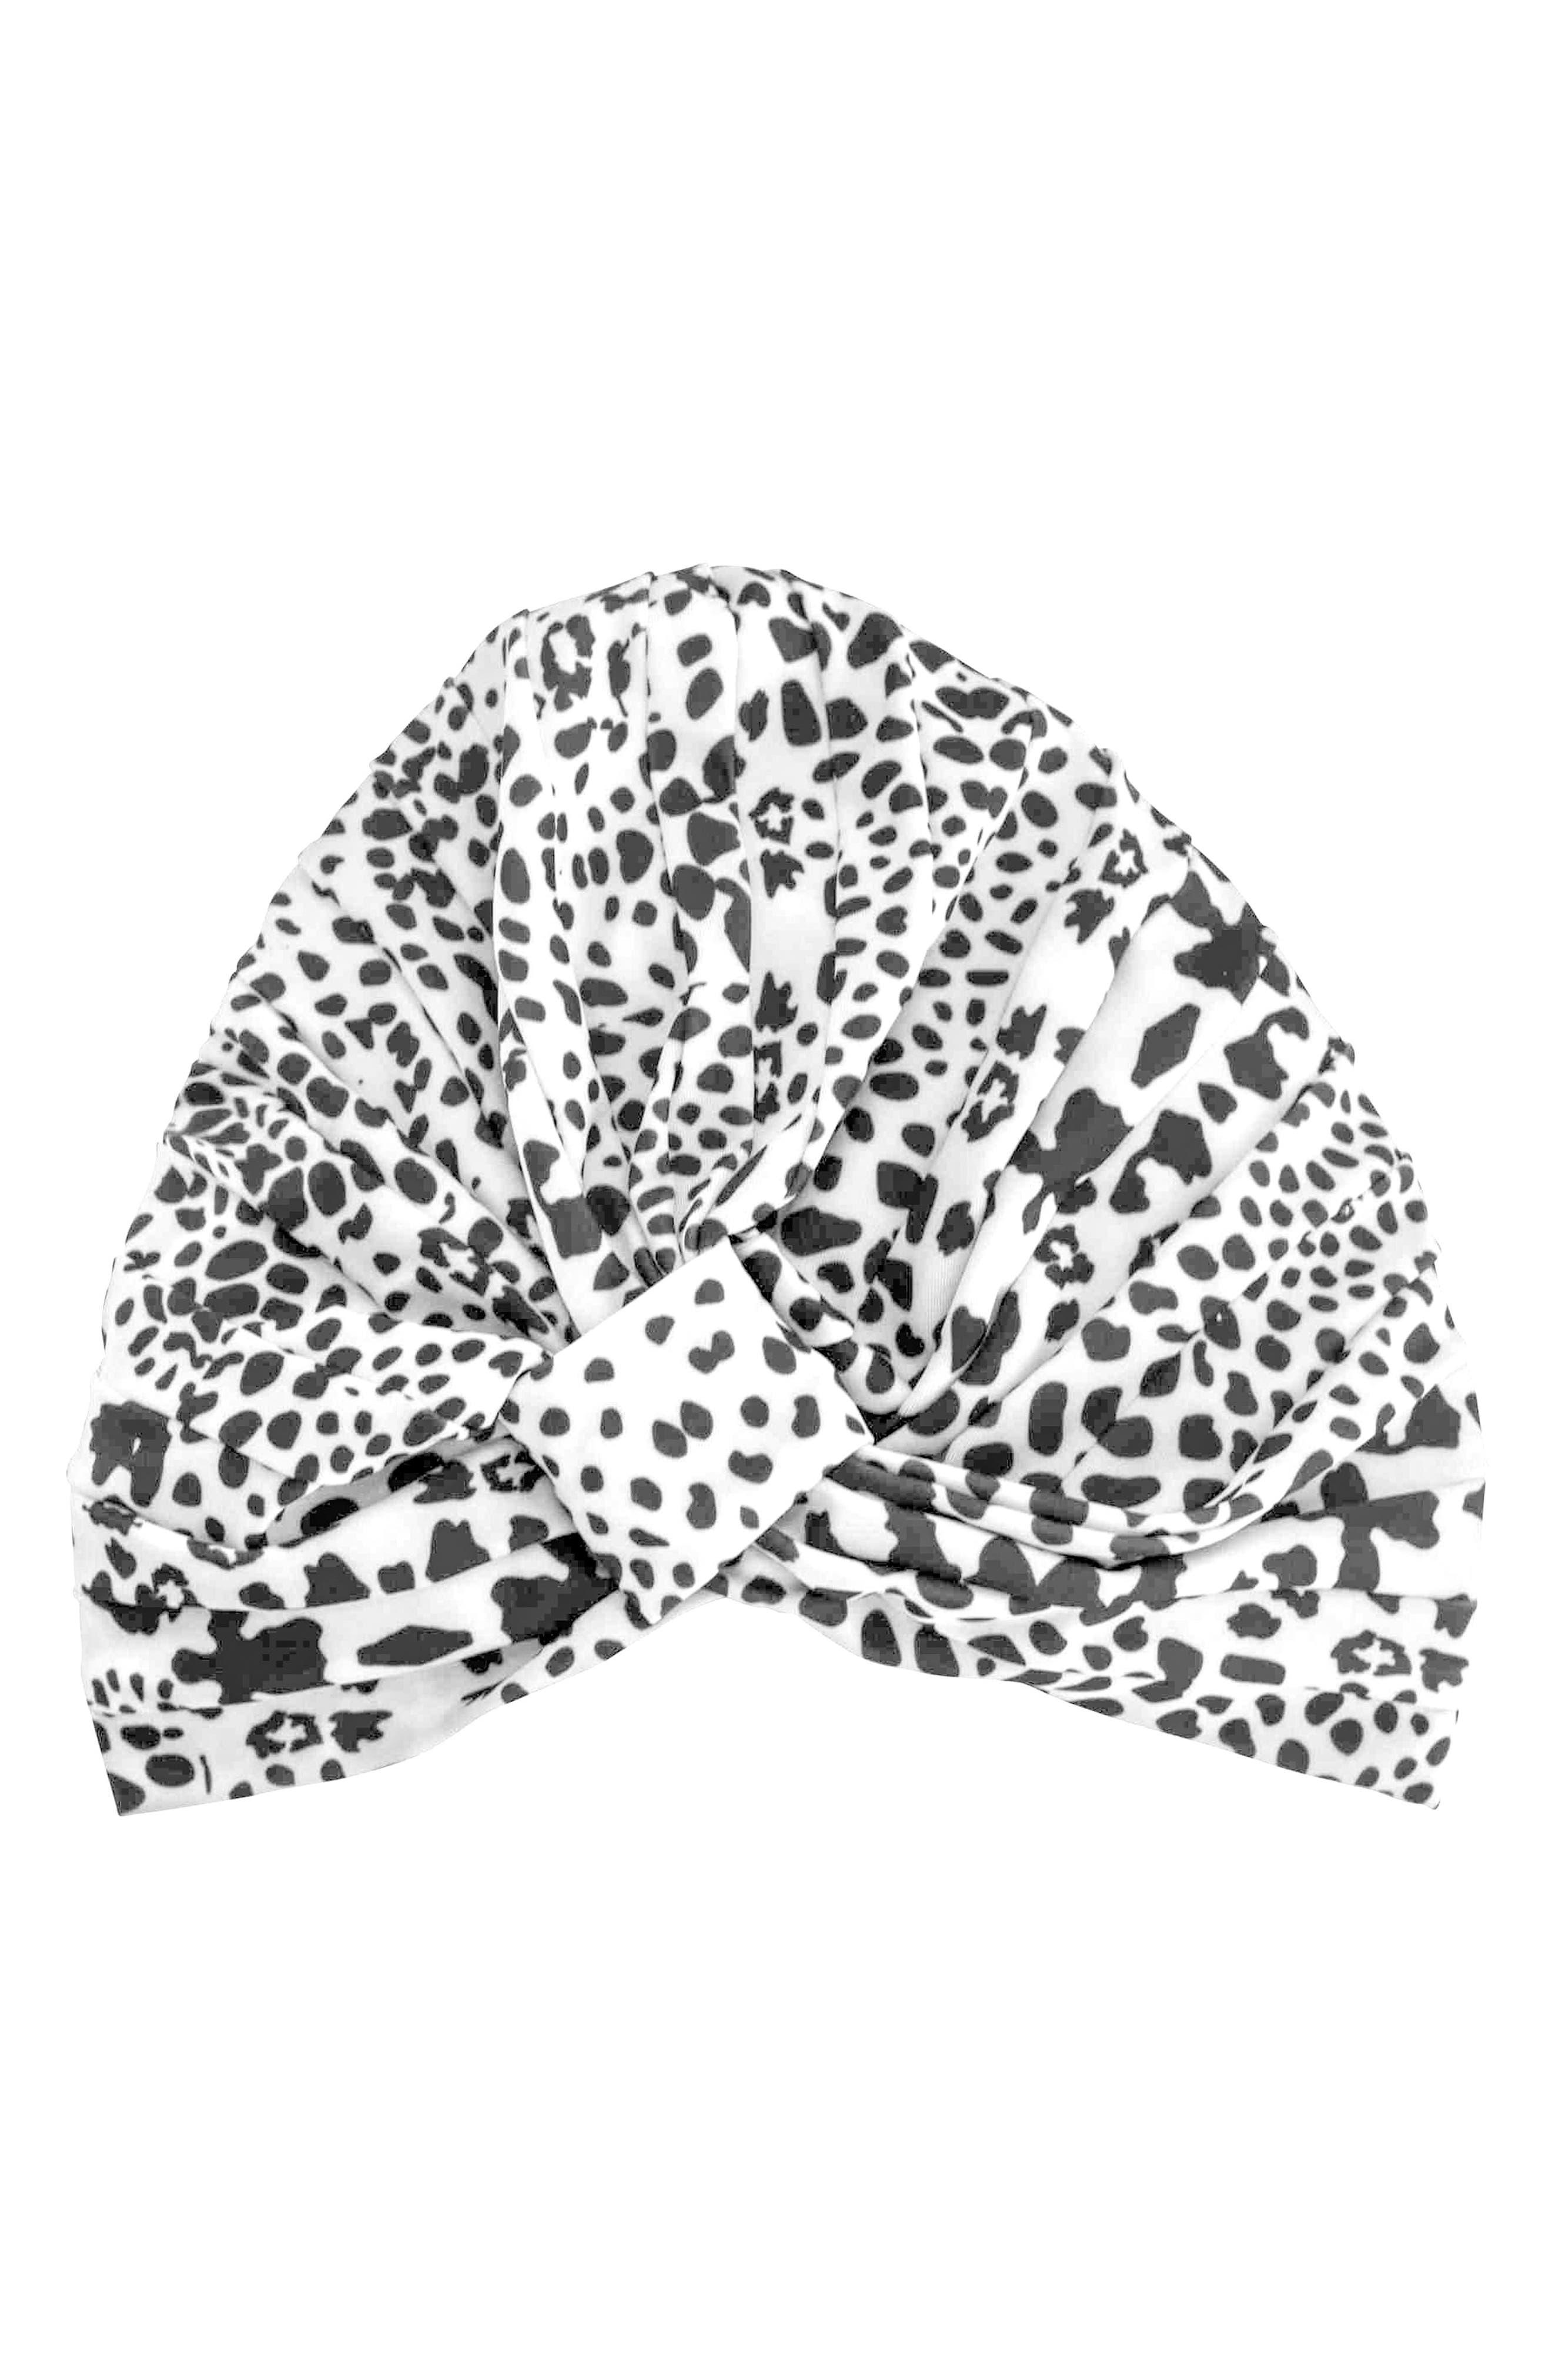 Louvelle Amelie Turban Shower Cap